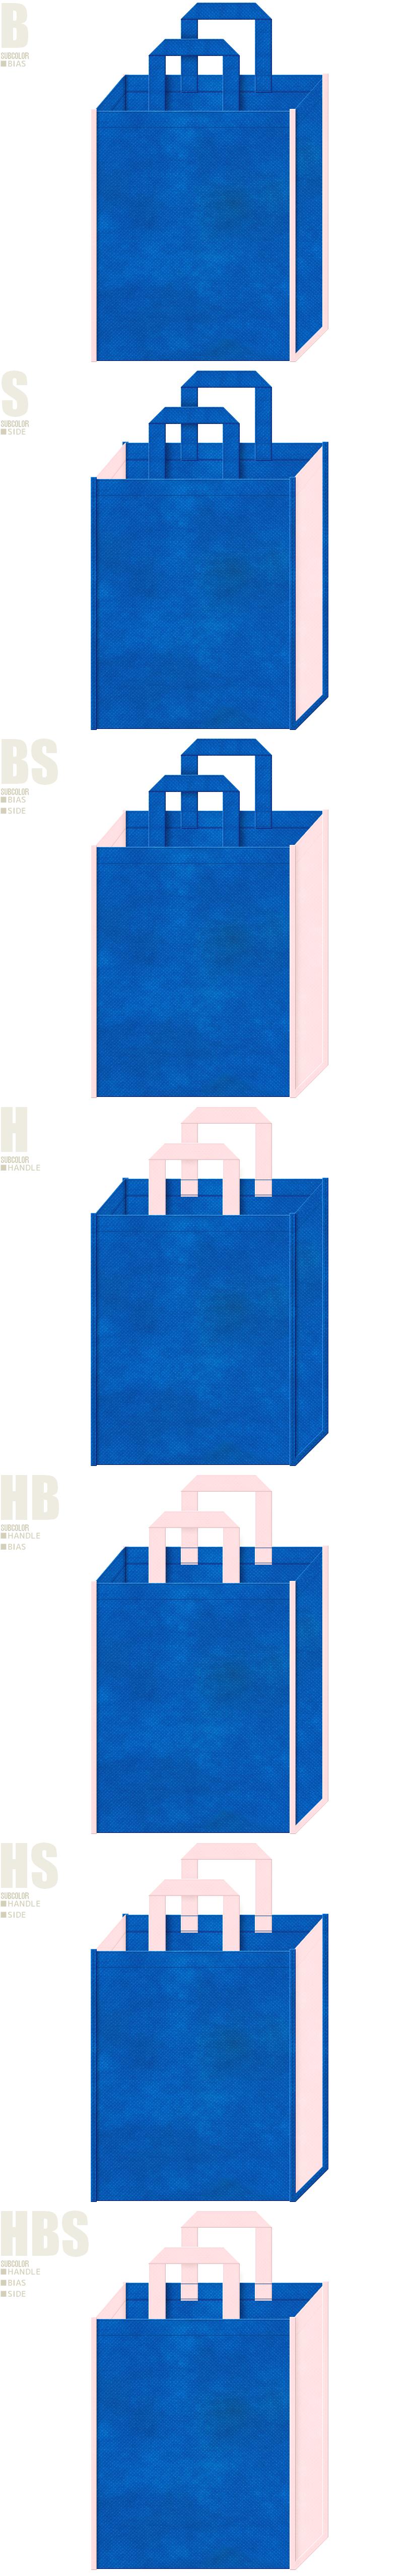 不織布トートバッグのデザイン例-不織布メインカラーNo.22+サブカラーNo.26の2色7パターン